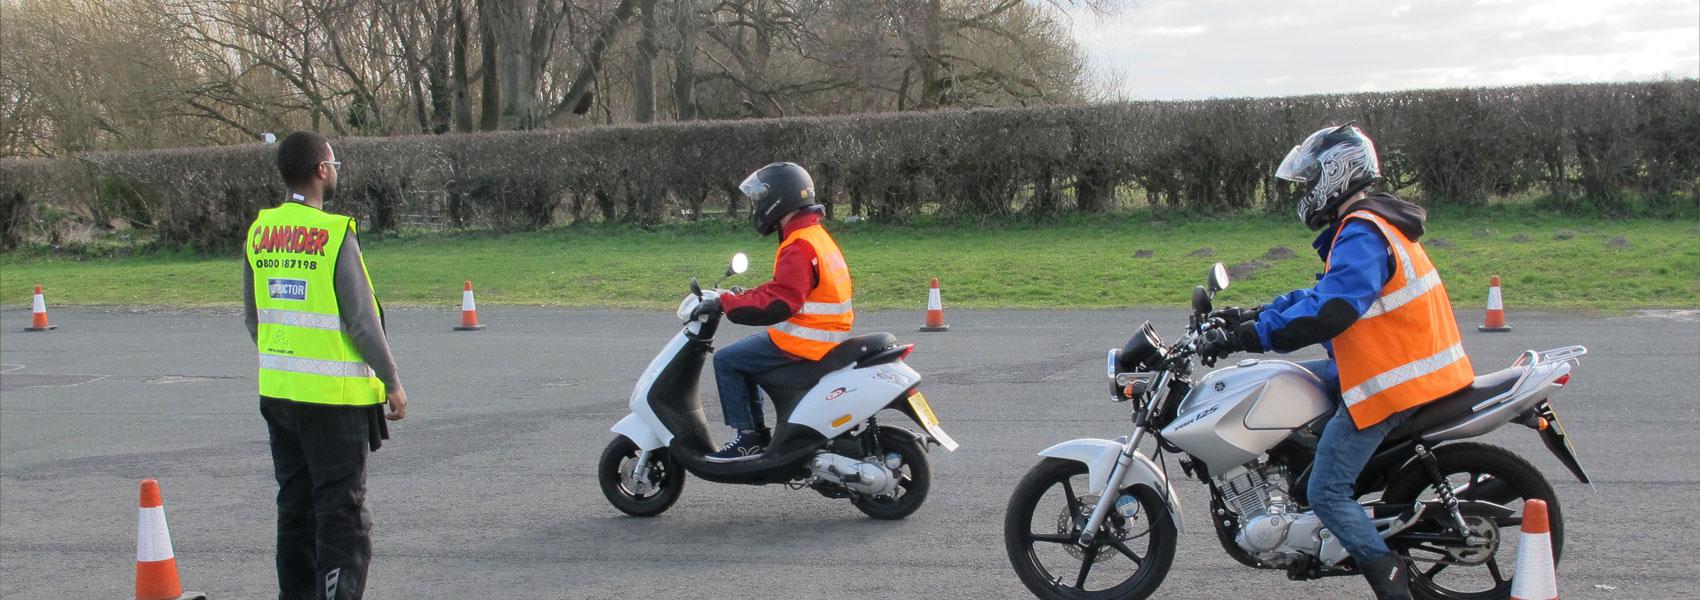 Управление мотоциклом без прав